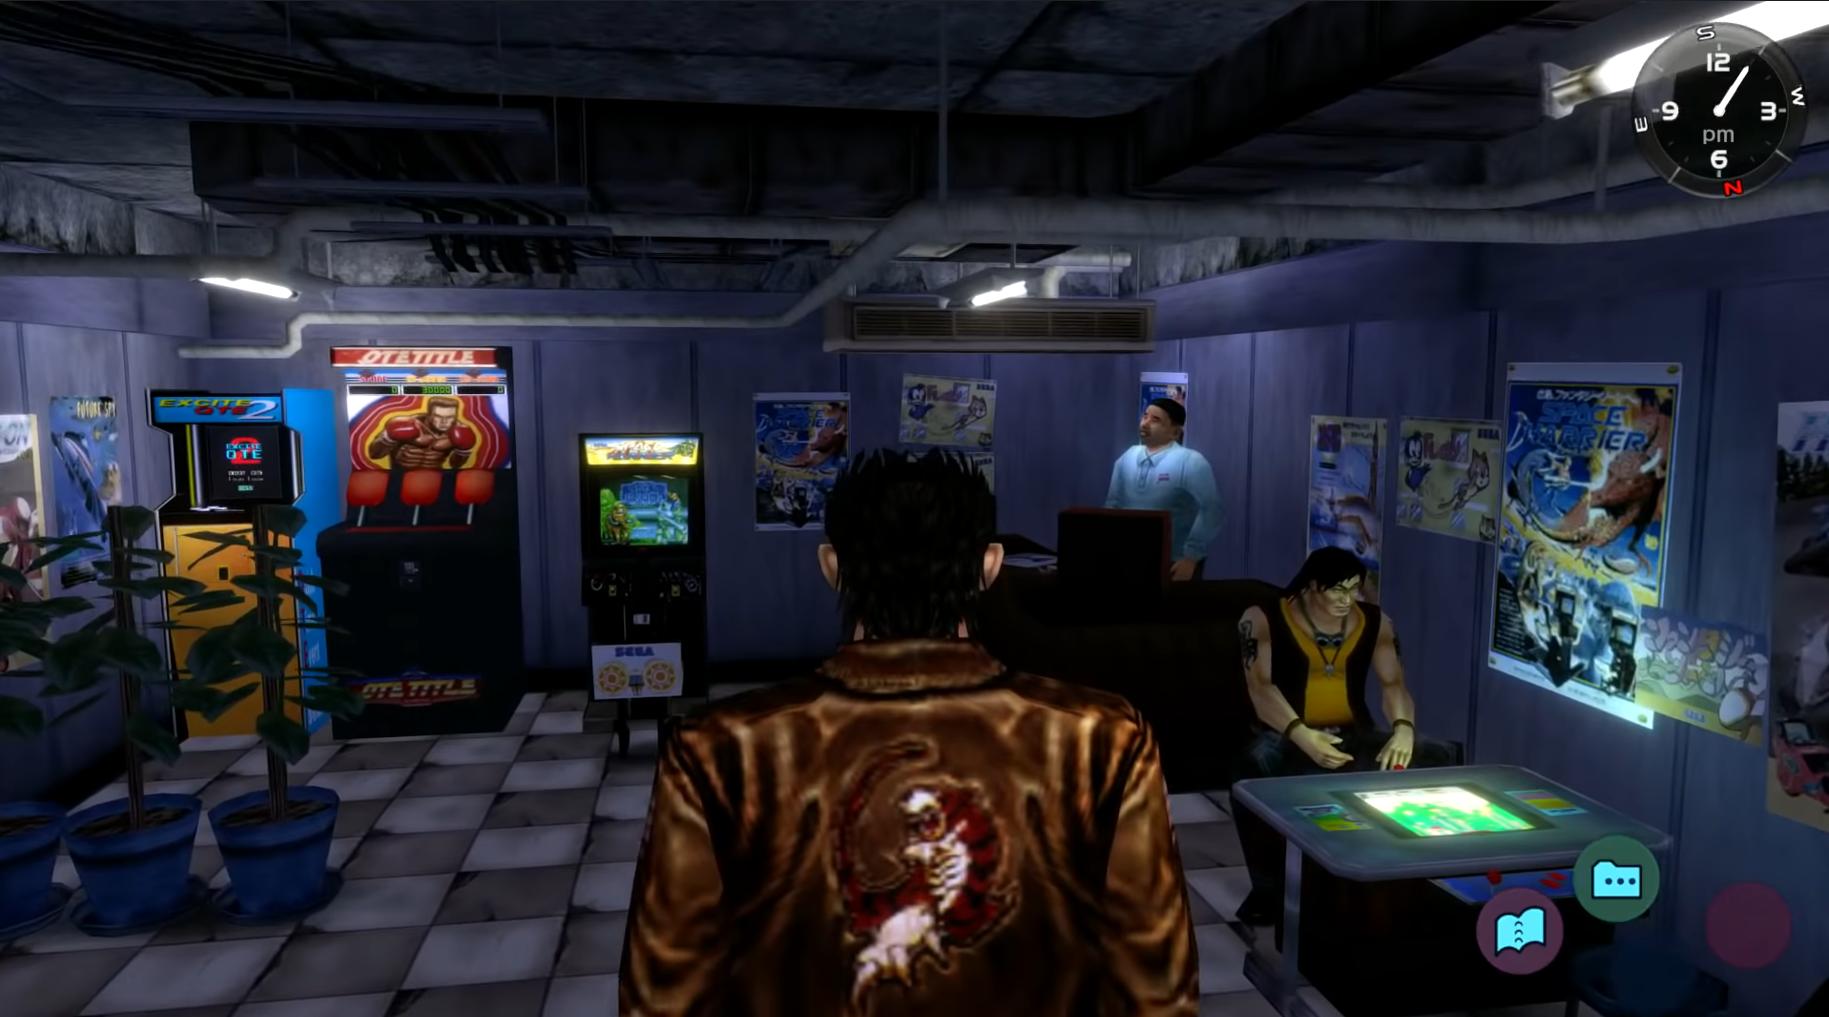 Ryo entering the arcade in Shenmue 1